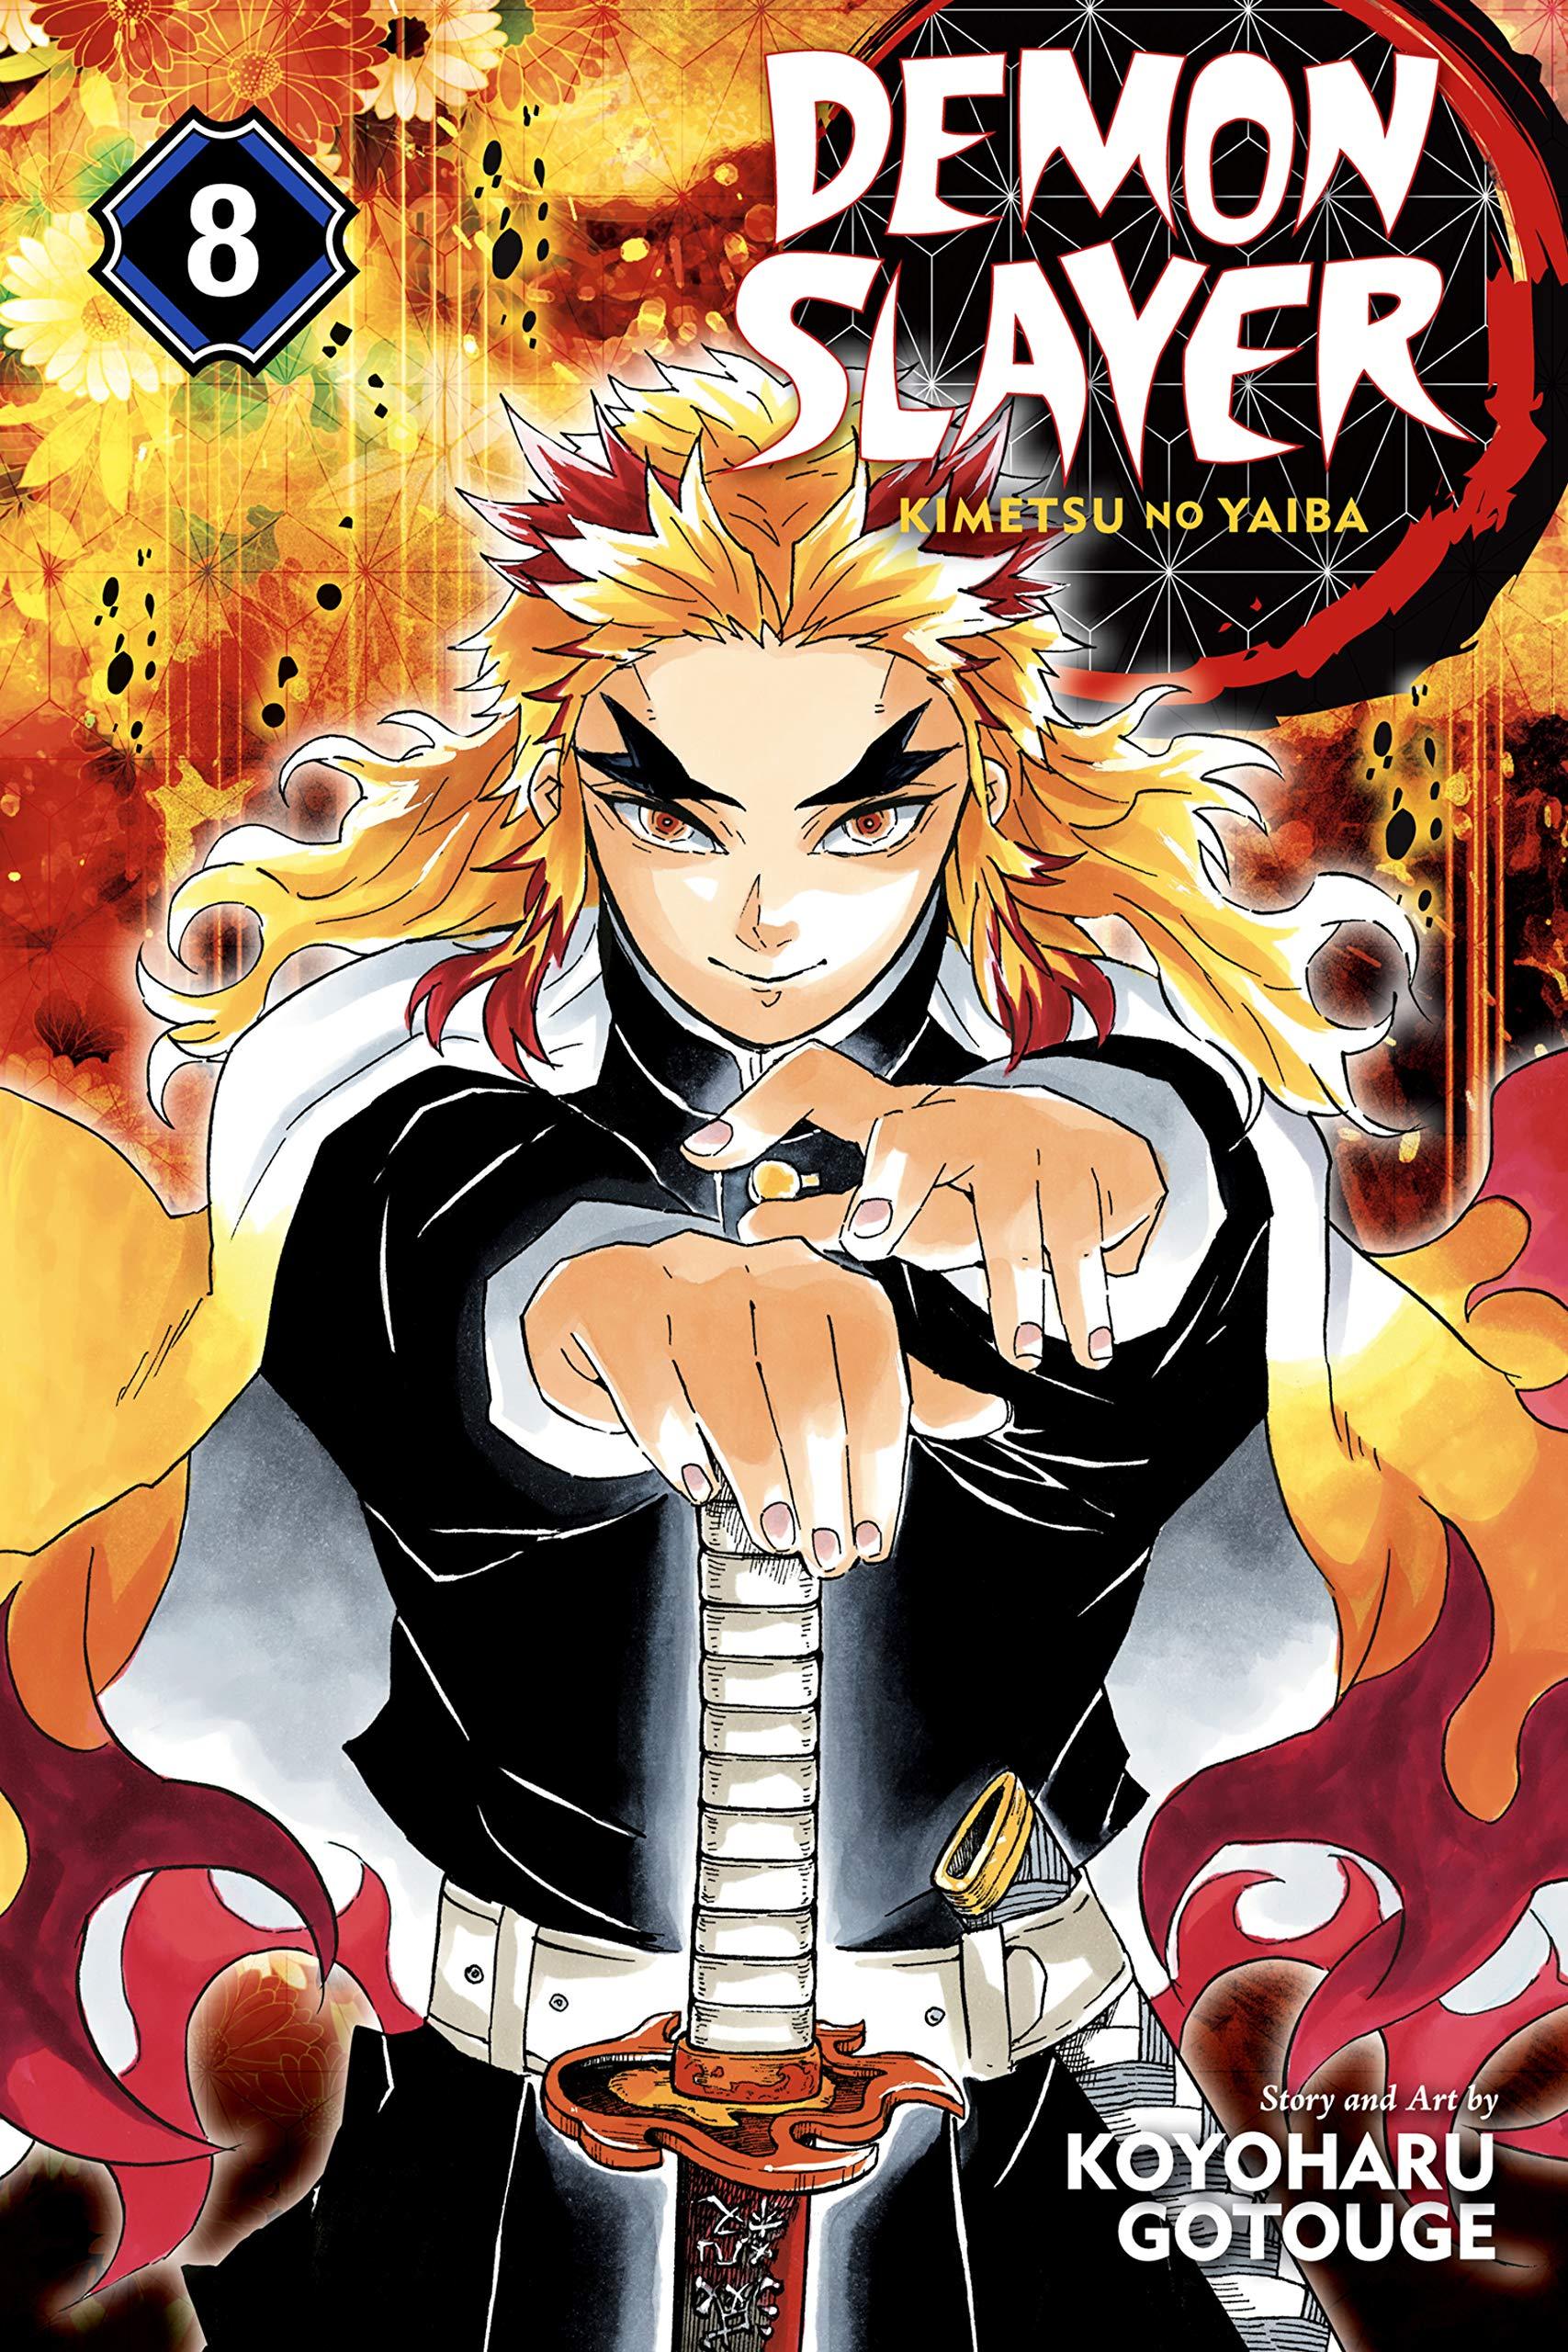 Demon Slayer: Kimetsu no Yaiba Vol. 8: The Strength of the Hashira (English Edition)